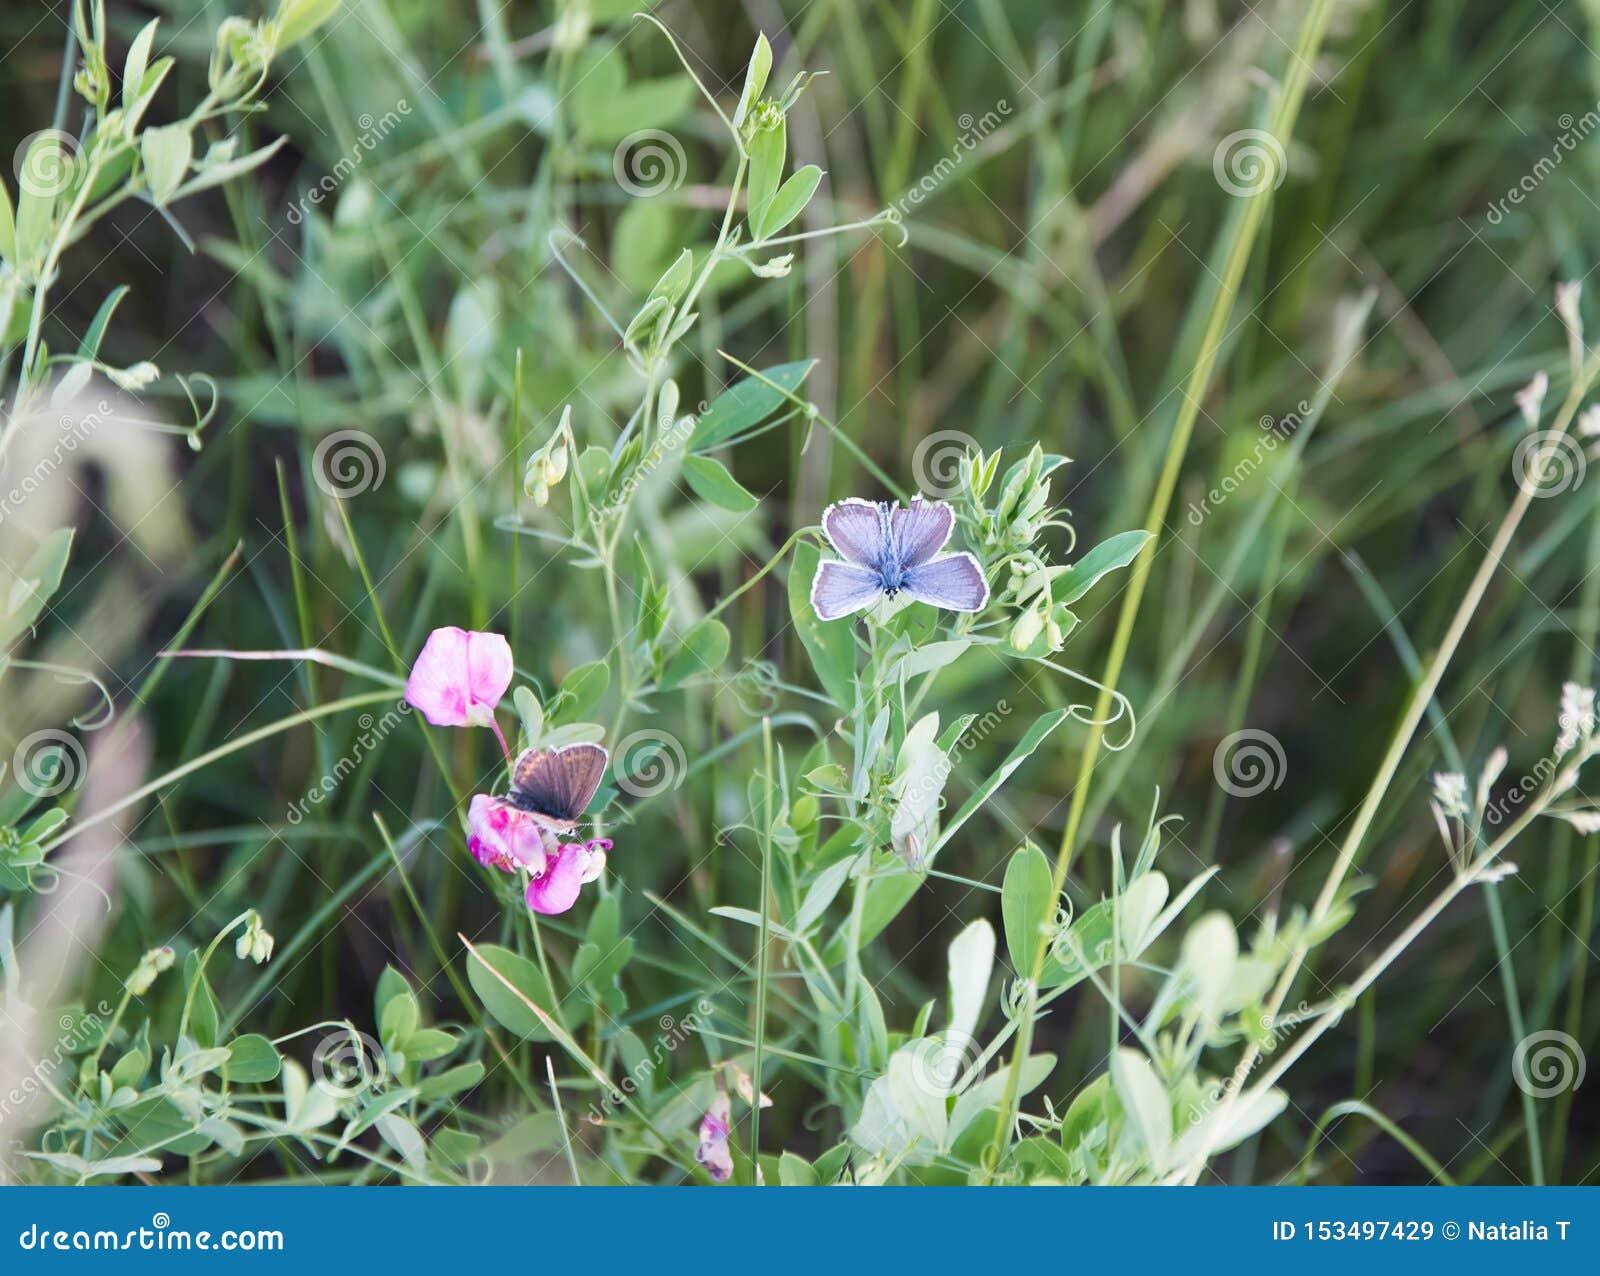 Schmetterling zwei, der auf Blumen, auf einer grünen Wiese im Sommer sitzt